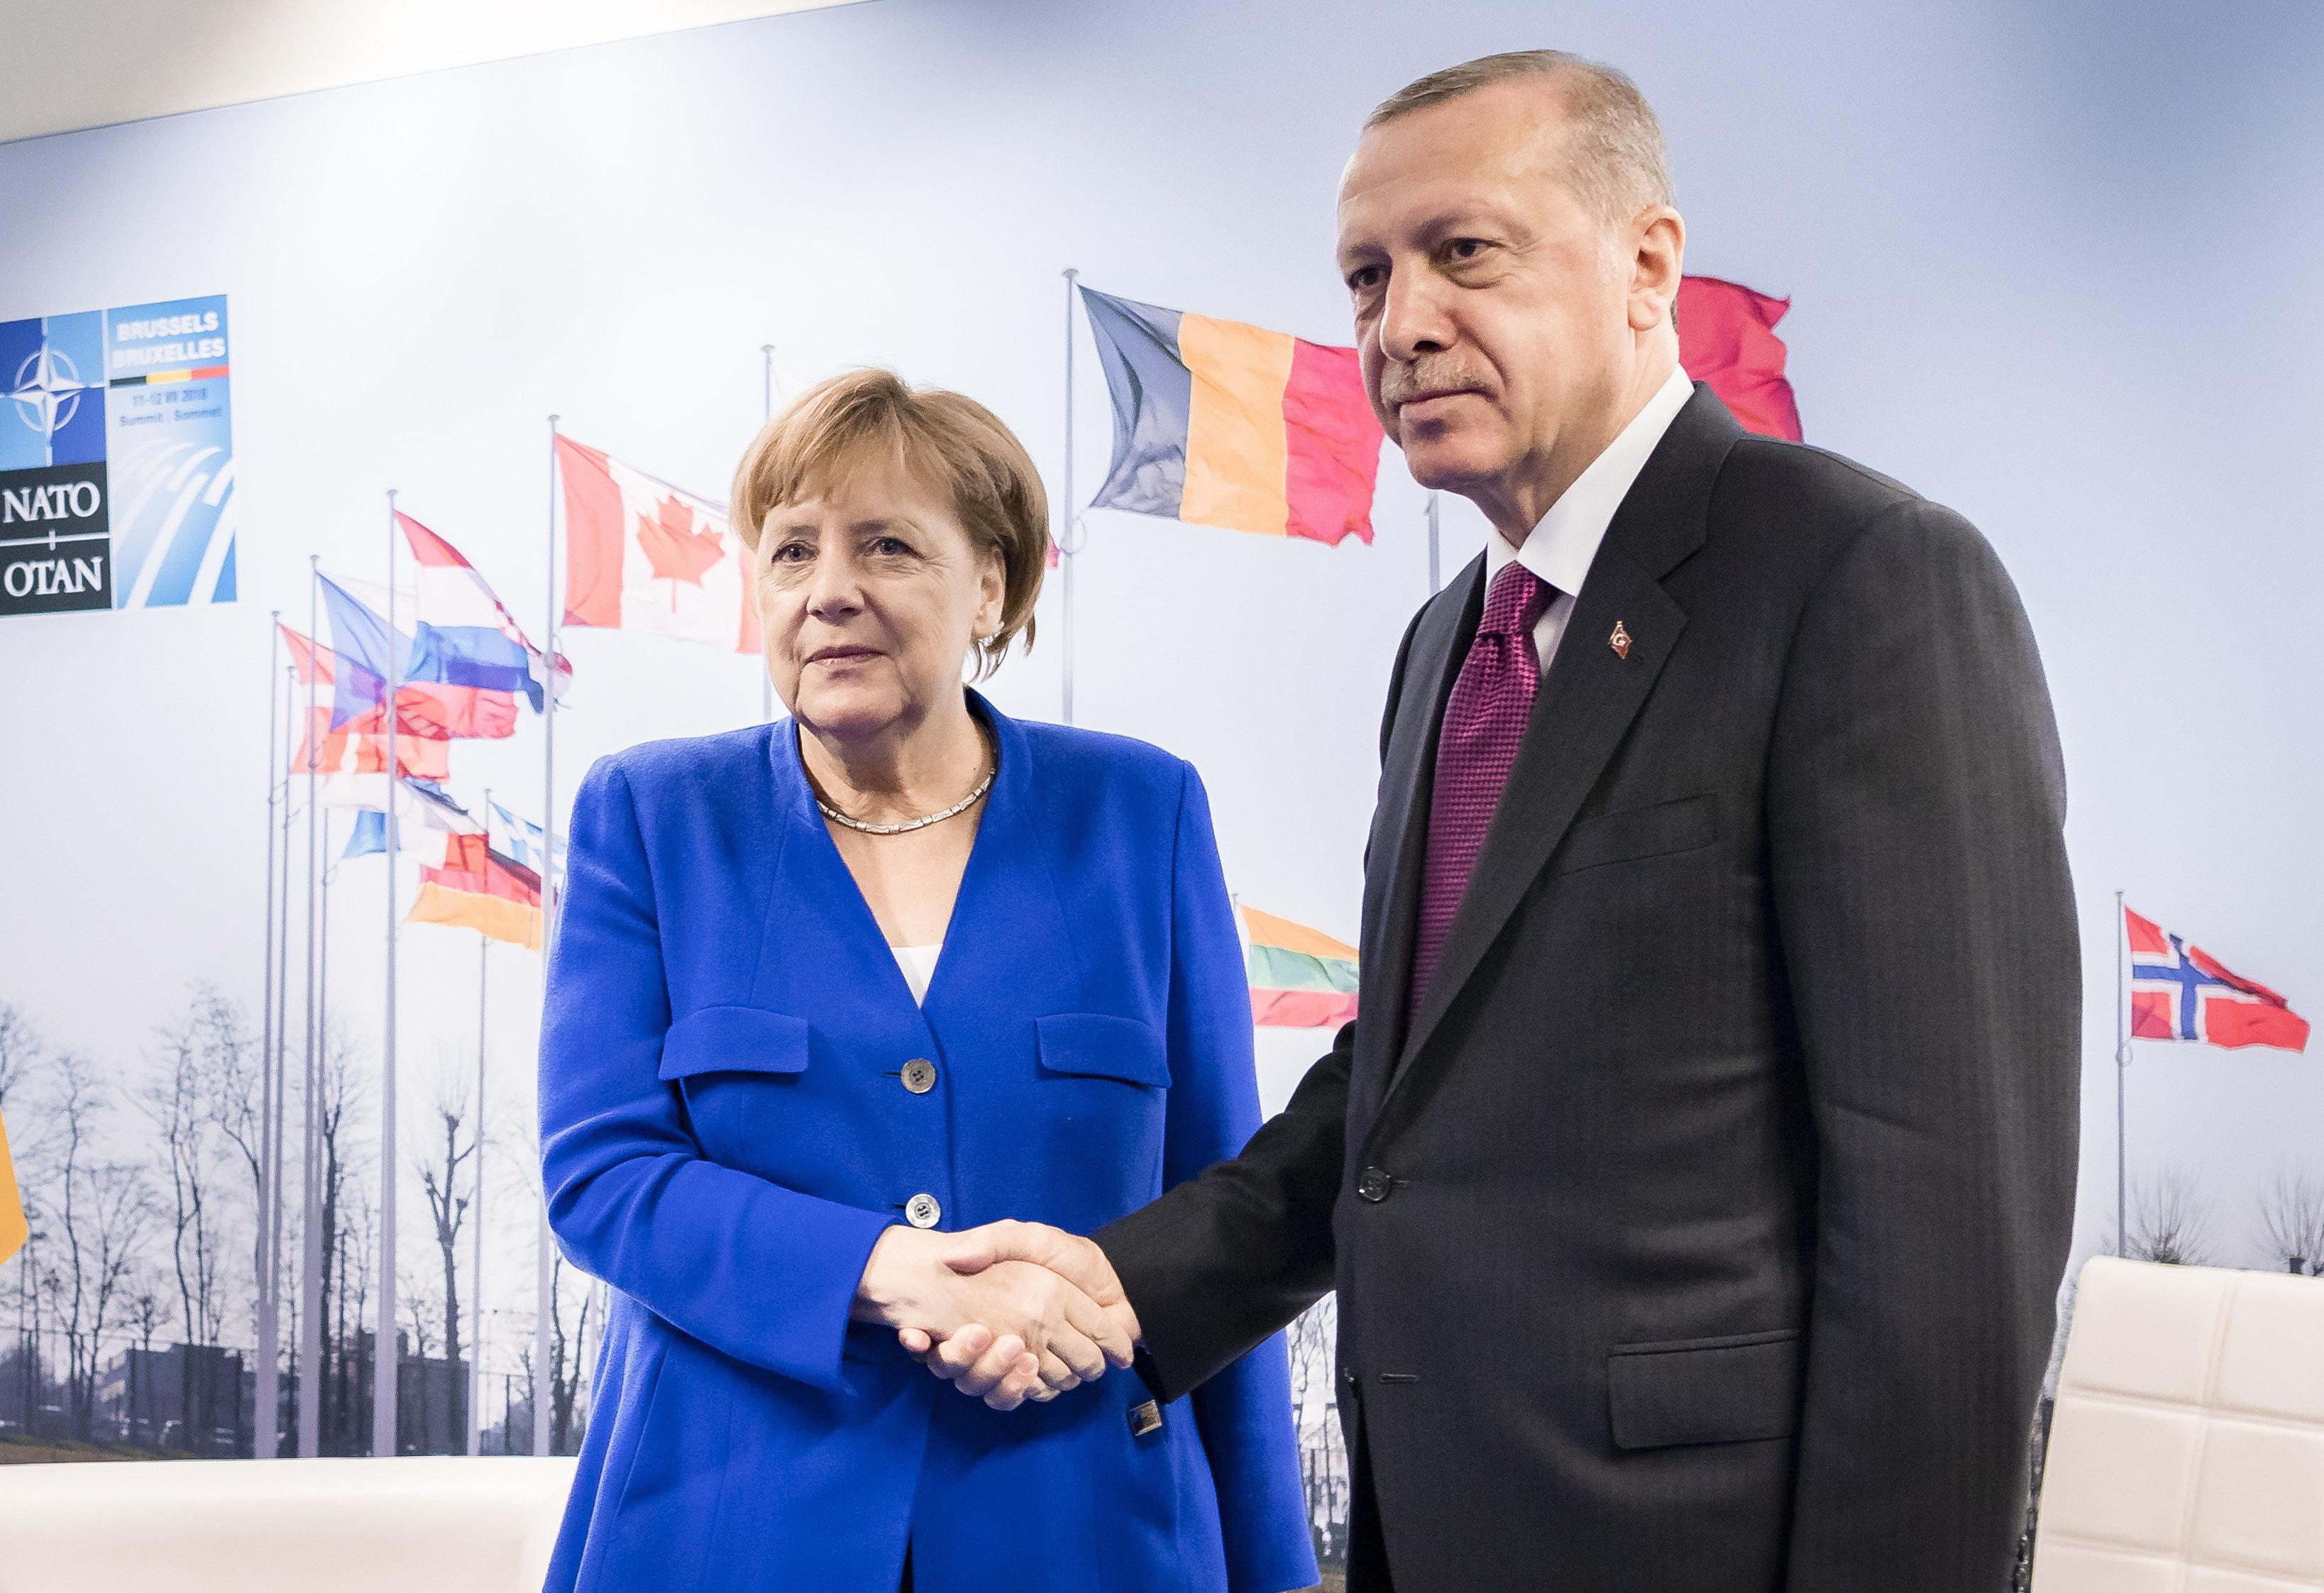 Medienbericht: Erdogan kommt zum Staatsbesuch nach Deutschland